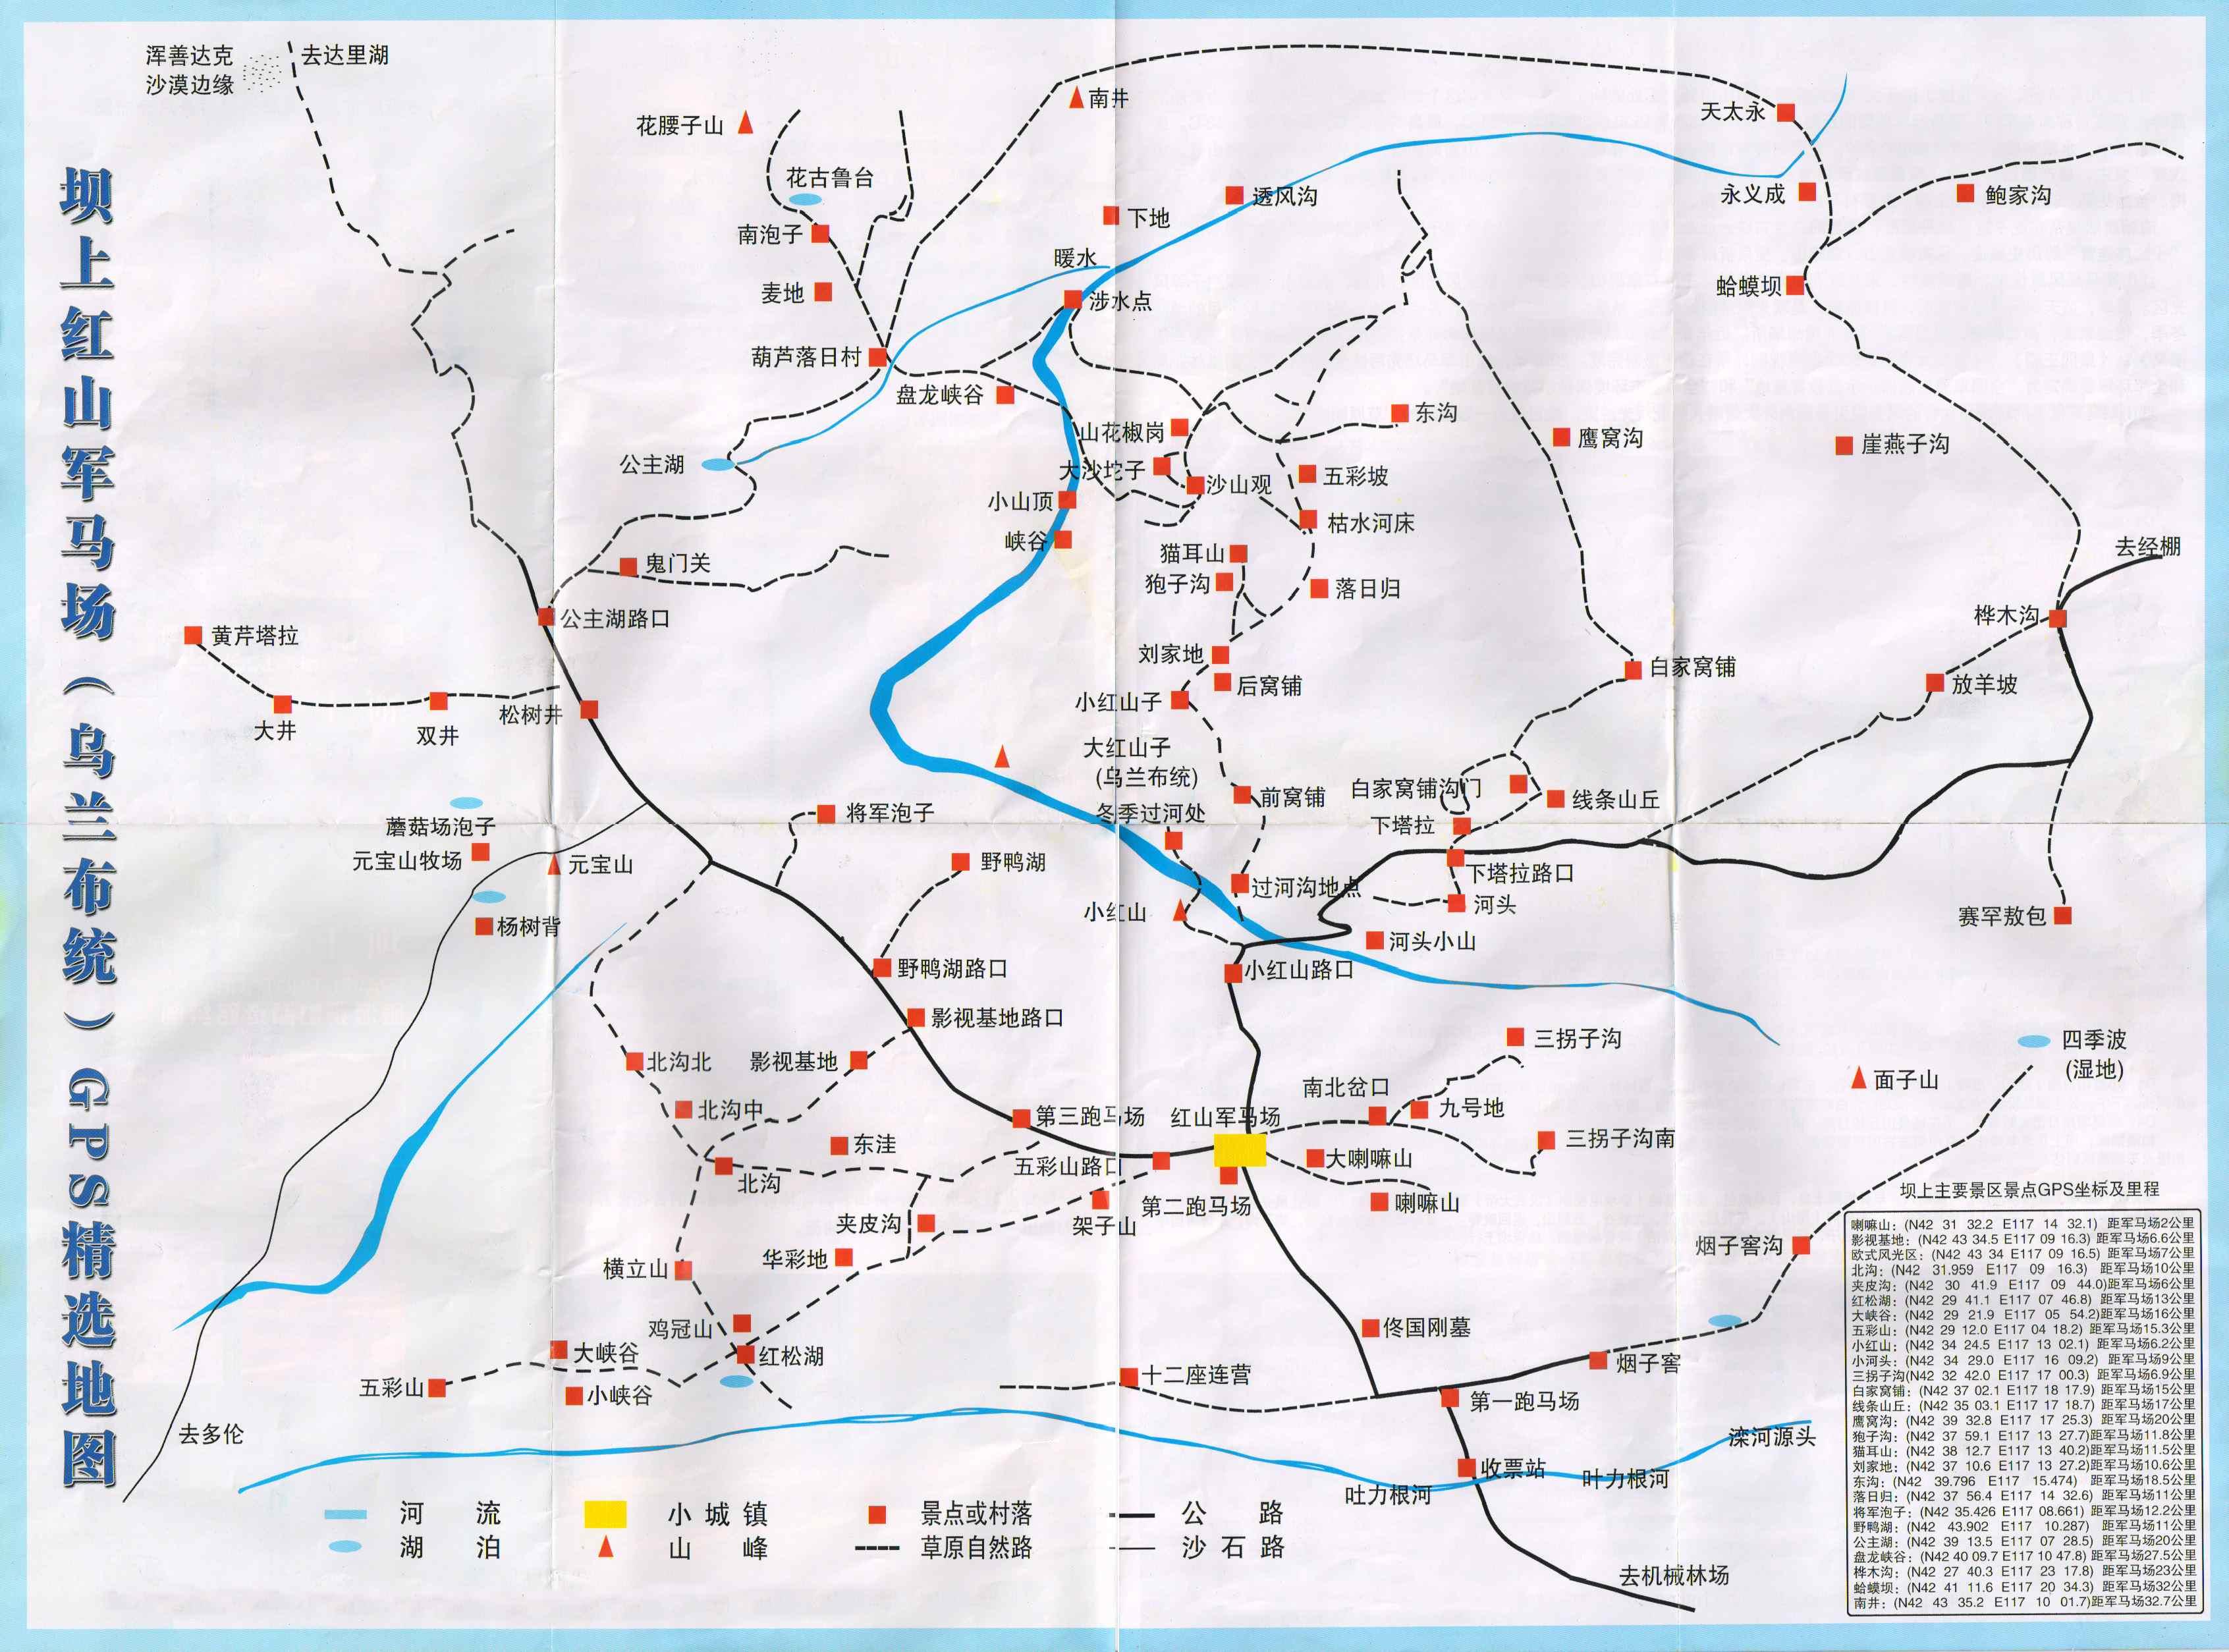 乌兰布风景区地图